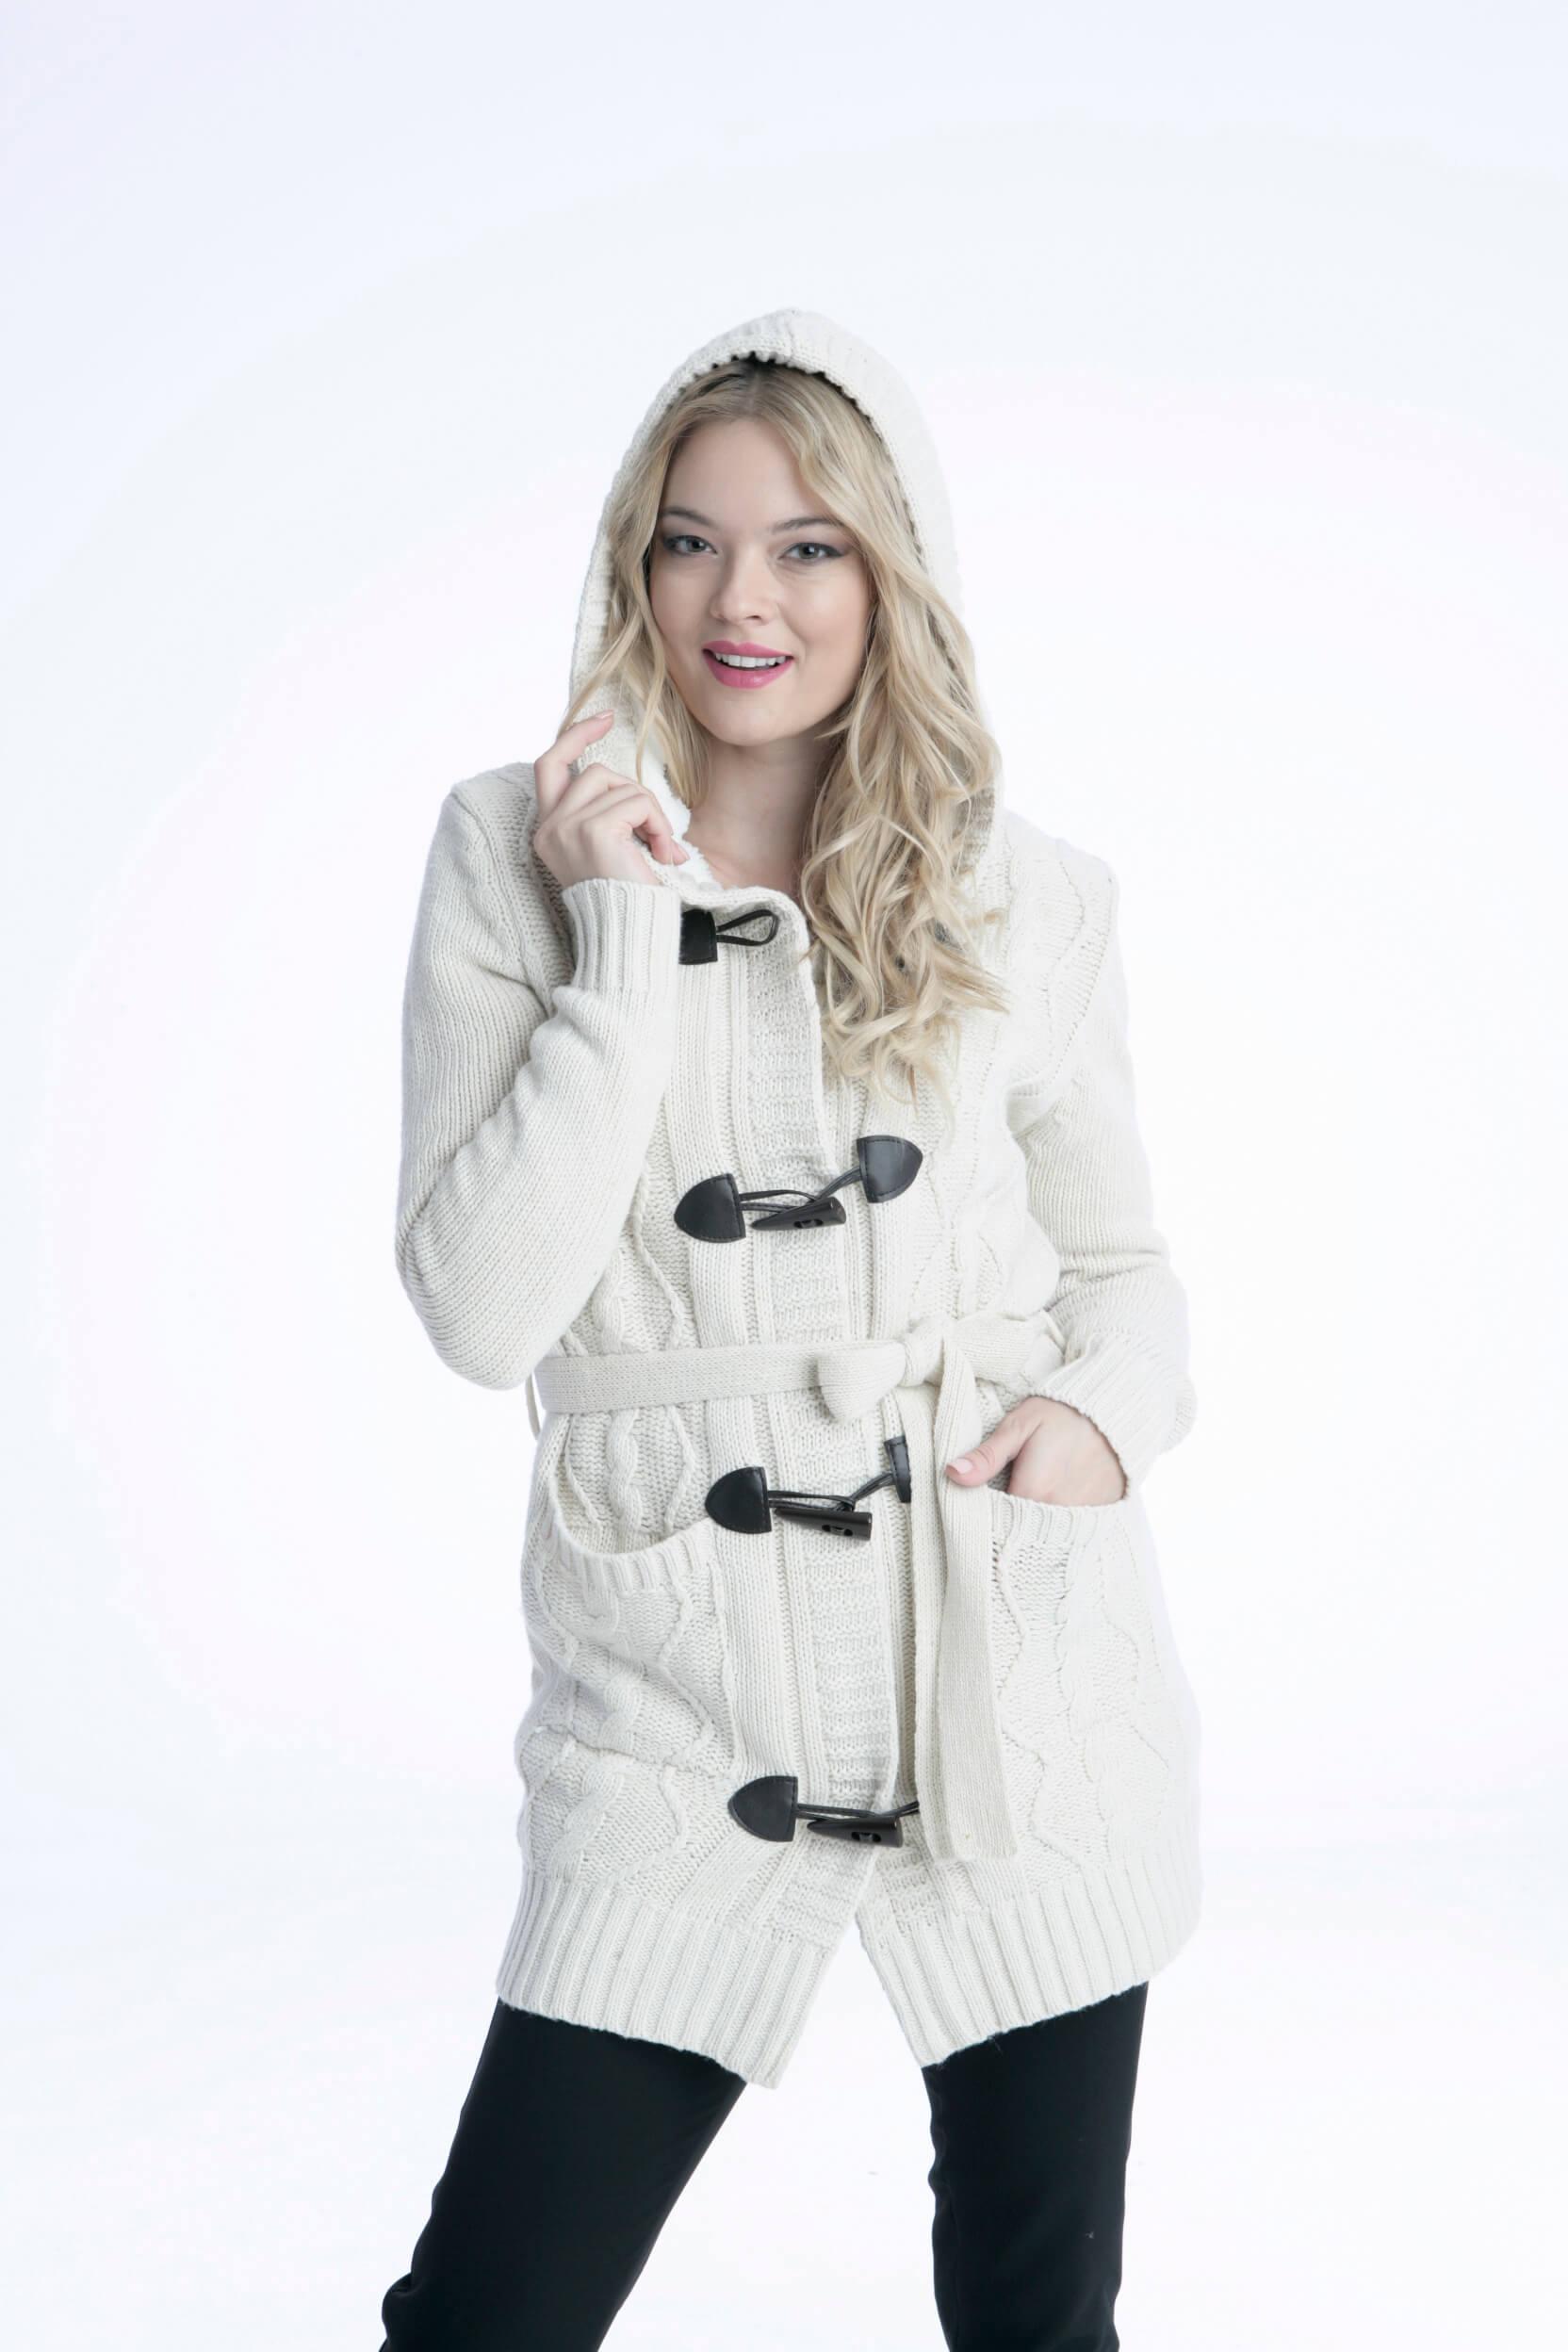 Γυναικείο Μπουφάν Ζακέτα με Κουκούλα - Prestige Fashion e79aa66d8a9